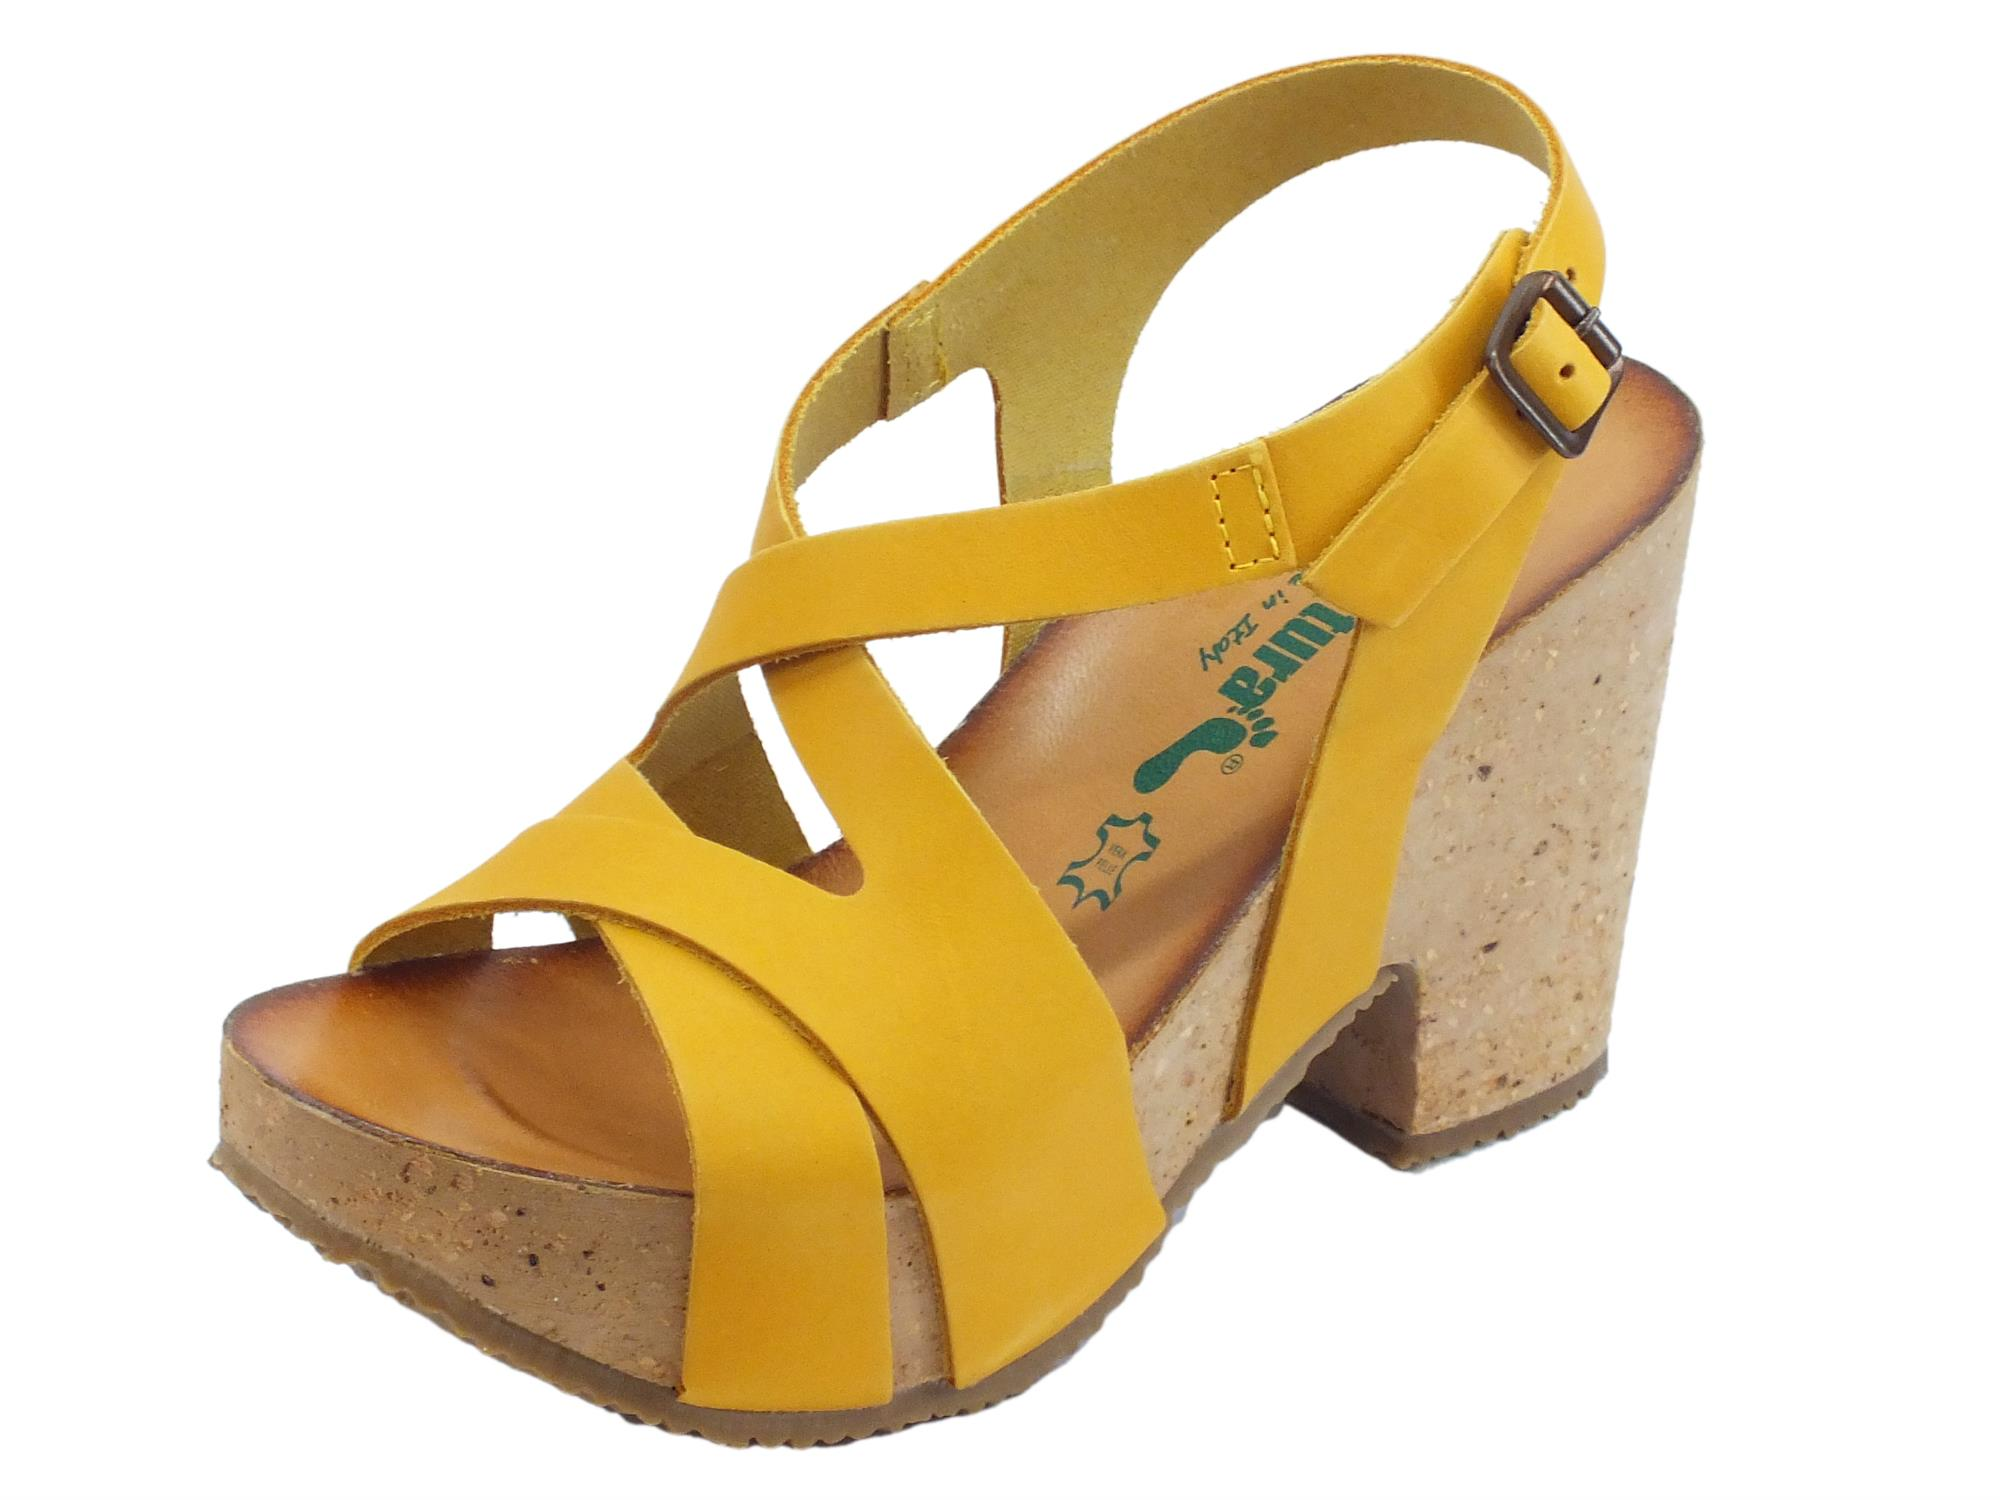 BioNatura 36 Rimini Pelle Gaucho Giallo sandali in nabuk incrociato tacco alto